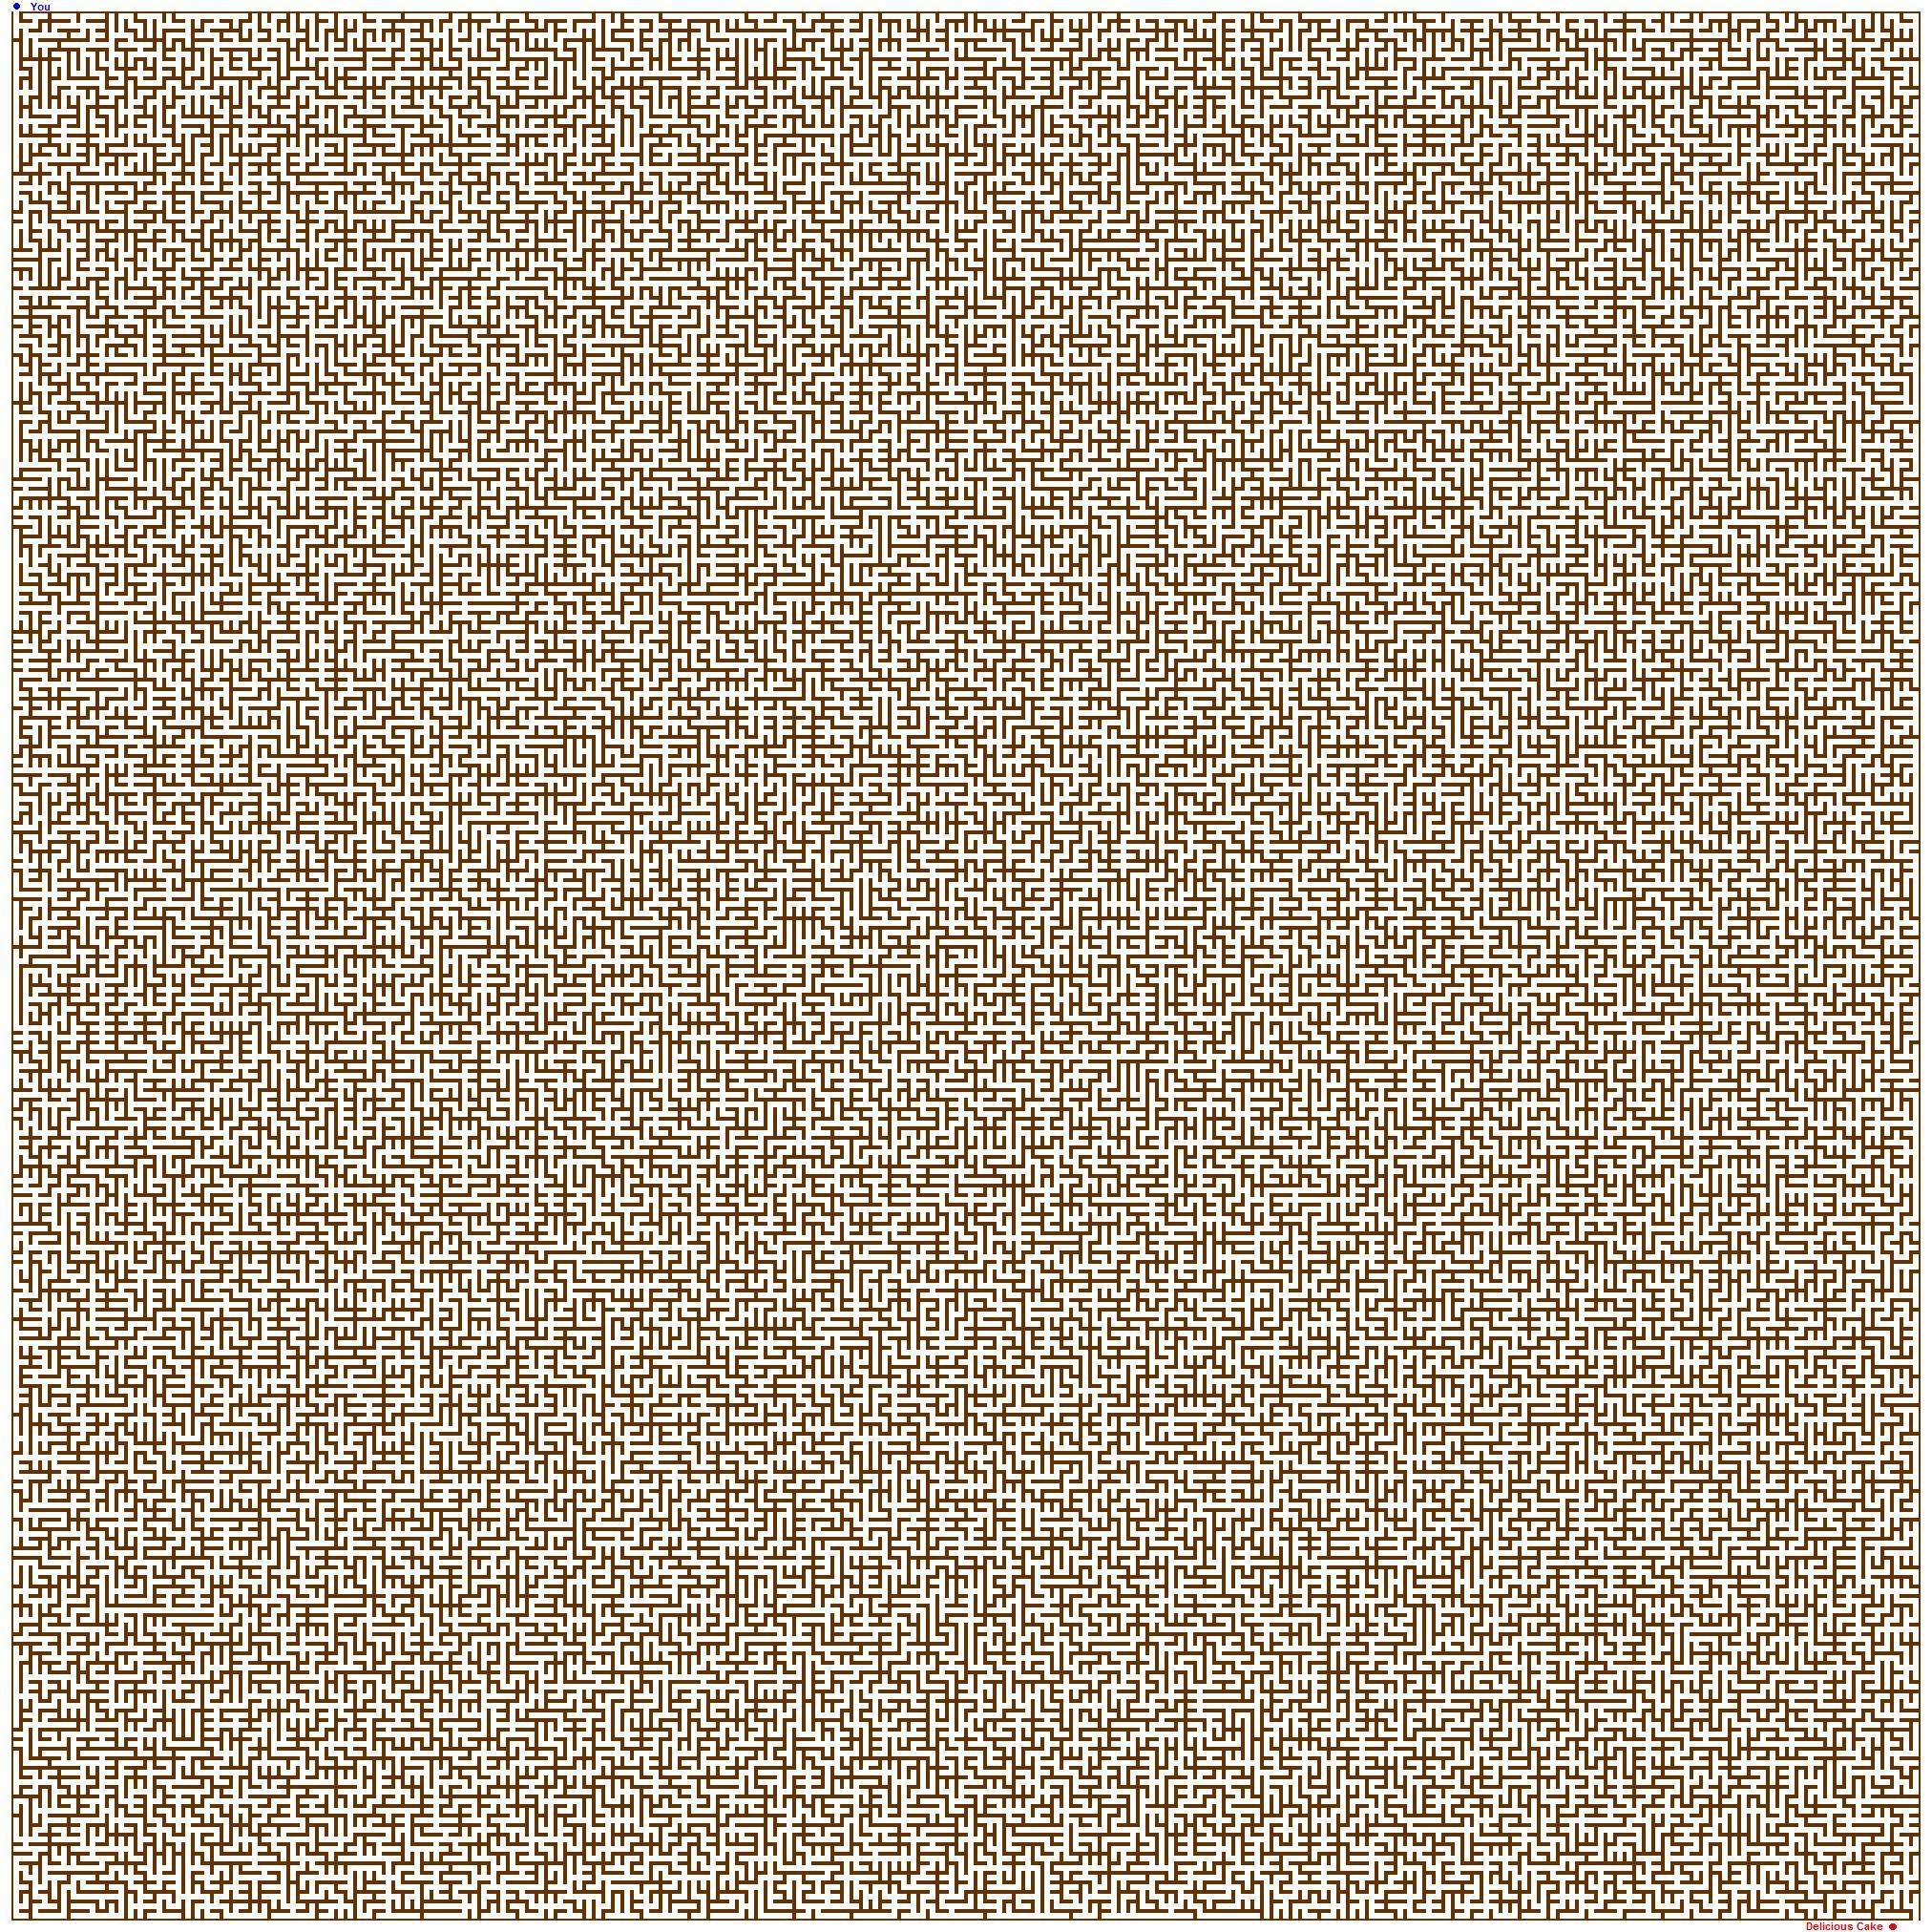 http://www.grasskiller.ru/fotos/folders/159/maze.jpg